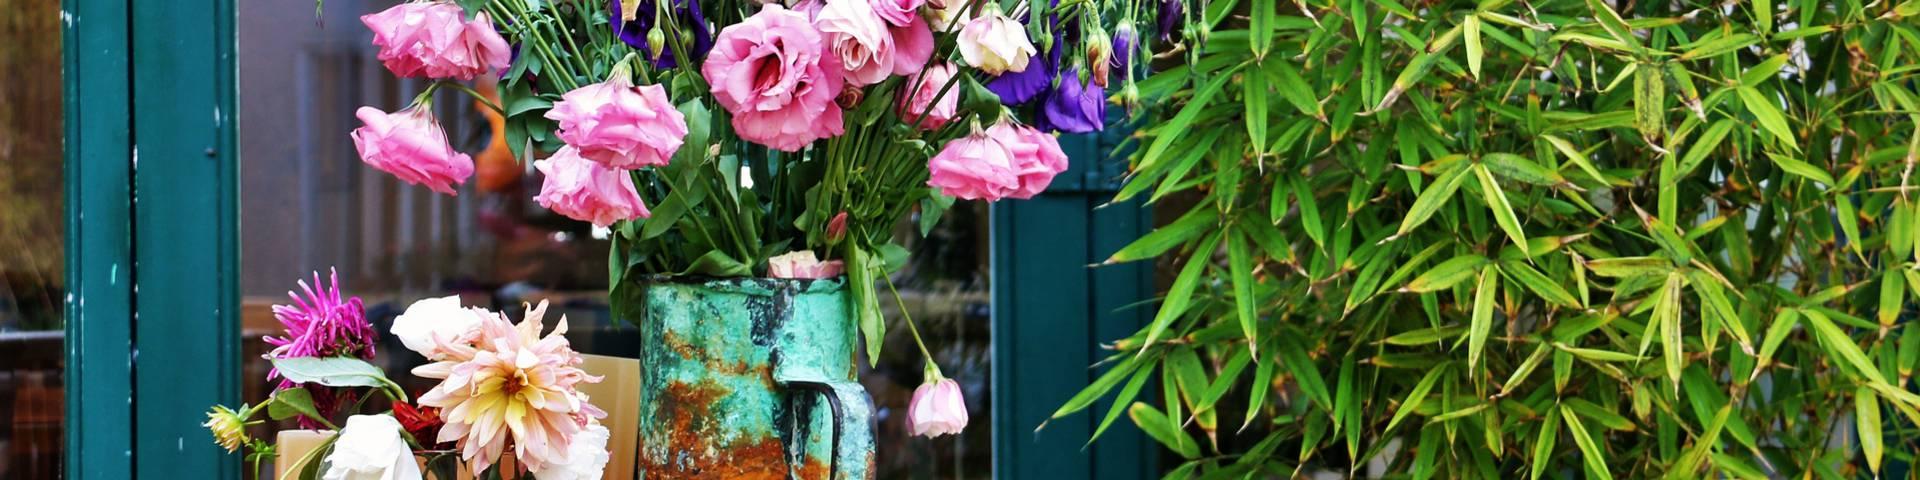 Les fleurs à Ars-en-Ré, Ile de Ré par Lesley Williamson